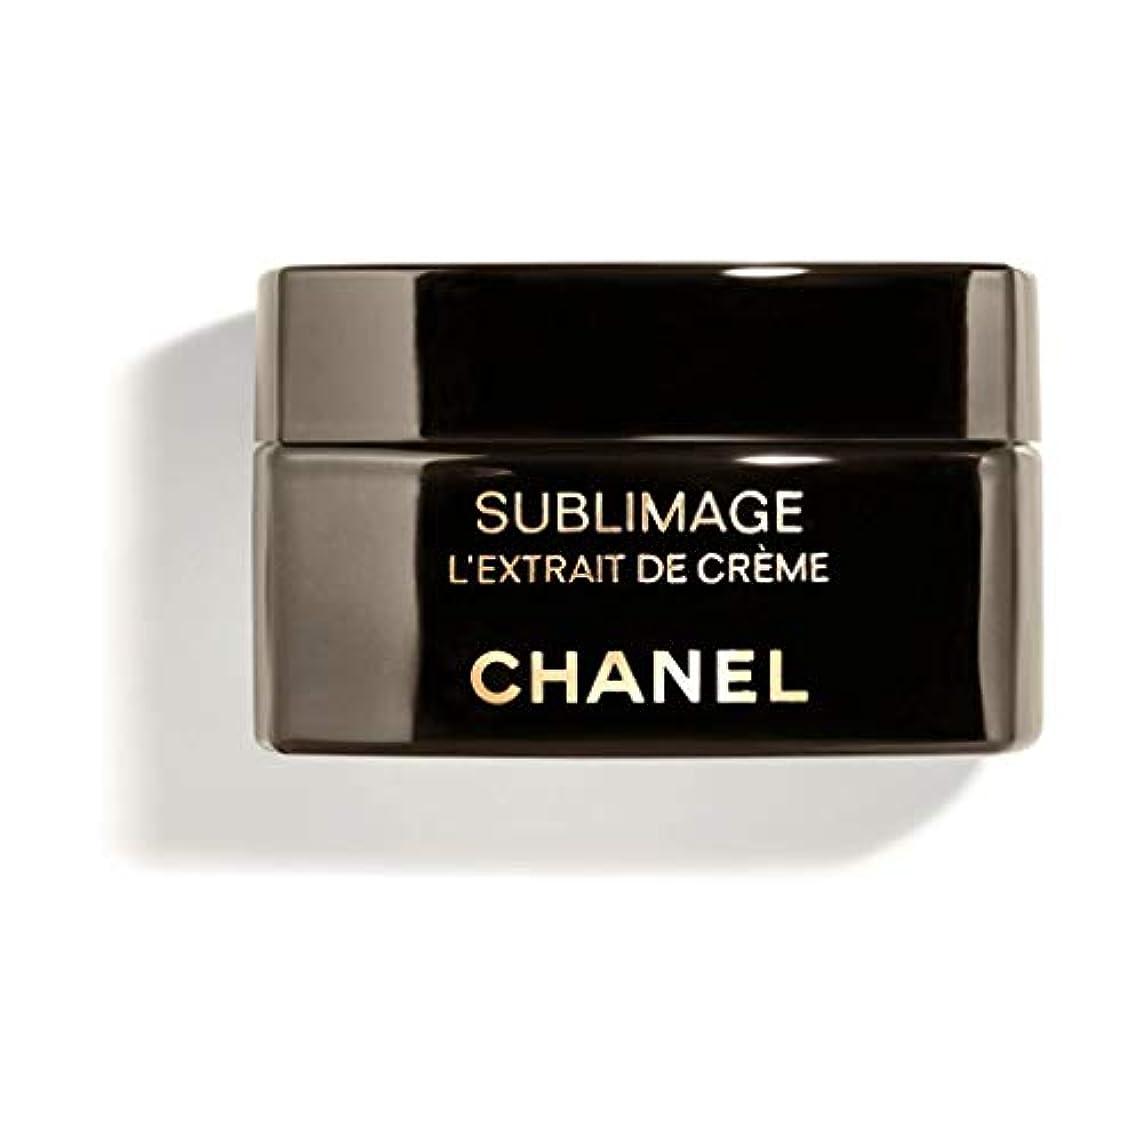 誇り溶けた棚CHANEL(シャネル) SUBLIMAGE L EXTRAIT DE CREME サブリマージュ レクストレ ドゥ クレーム 50g